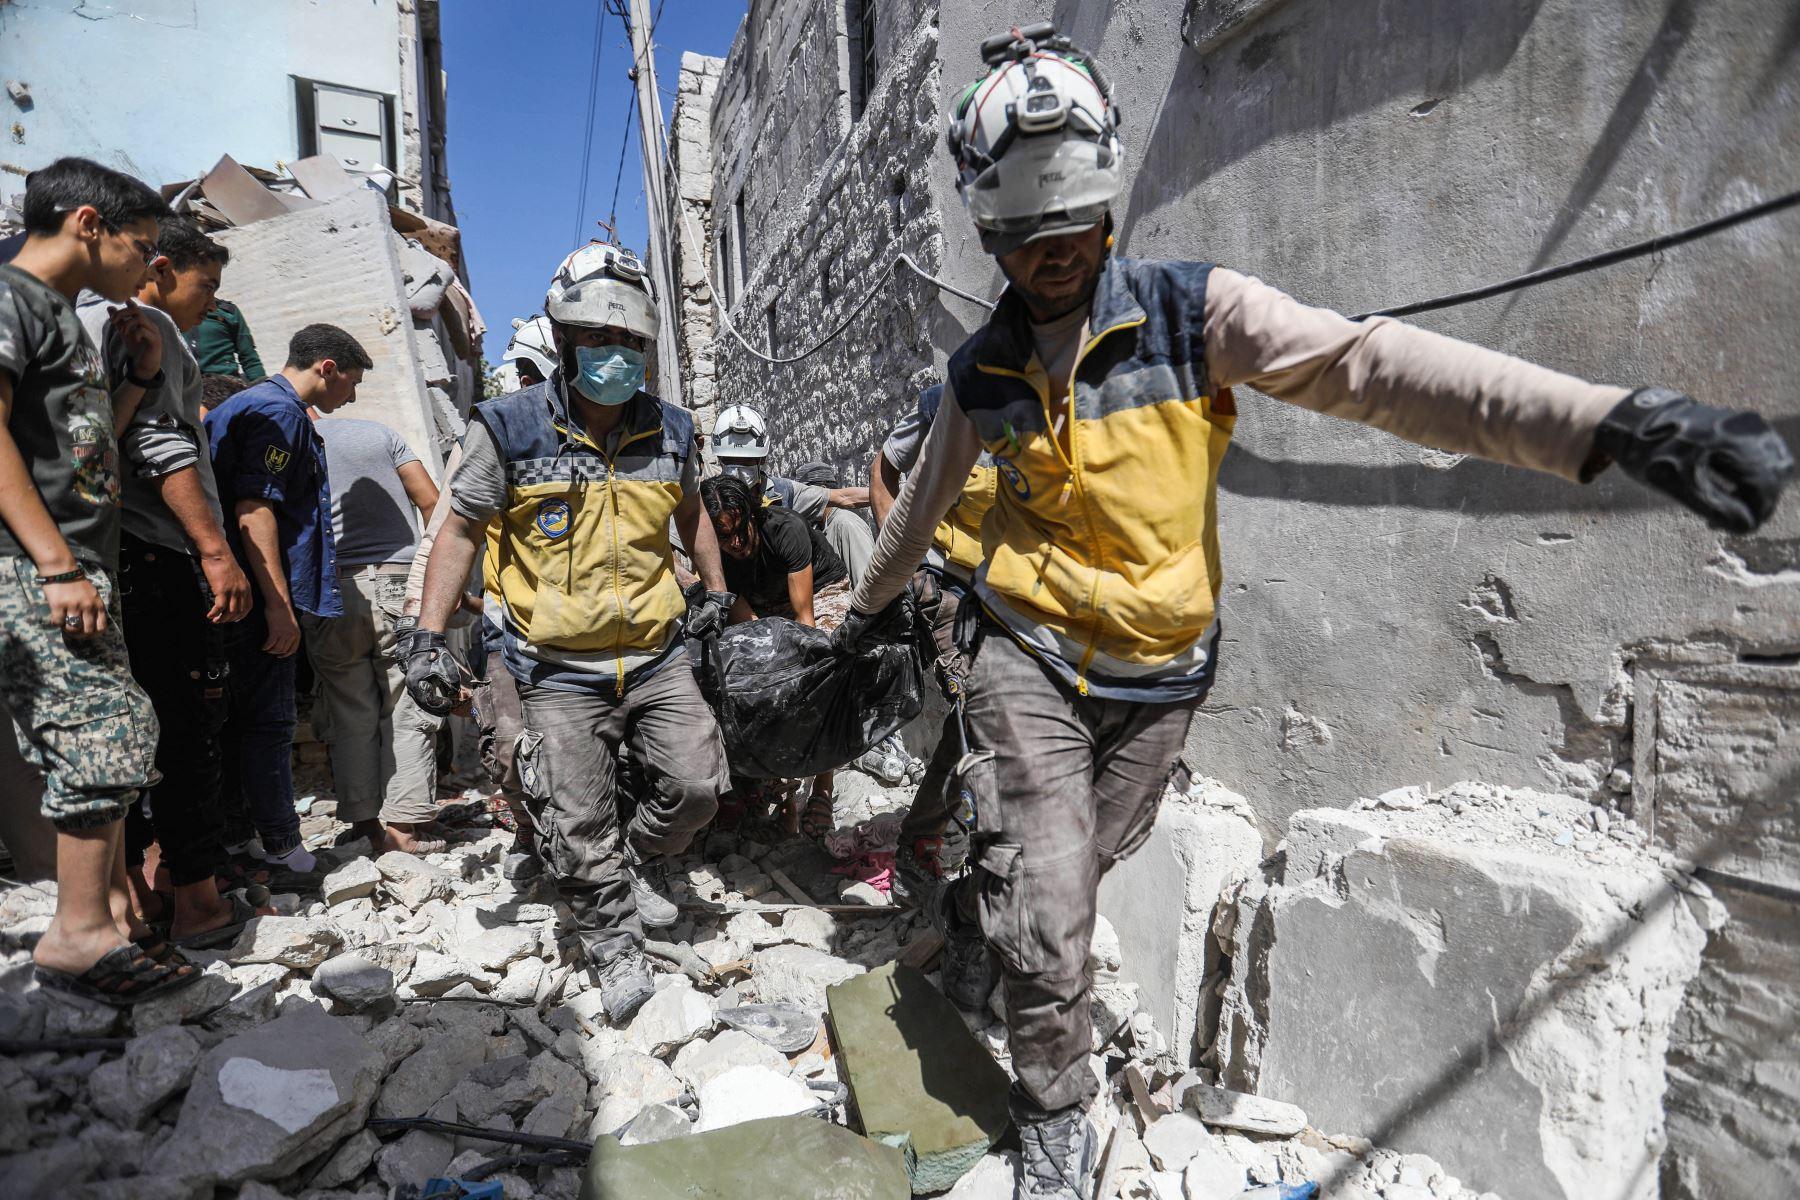 Miembros de la Defensa Civil Siria encuentran víctimas tras un ataque aéreo en la ciudad de Ariha, en el  Siria. Foto: AFP